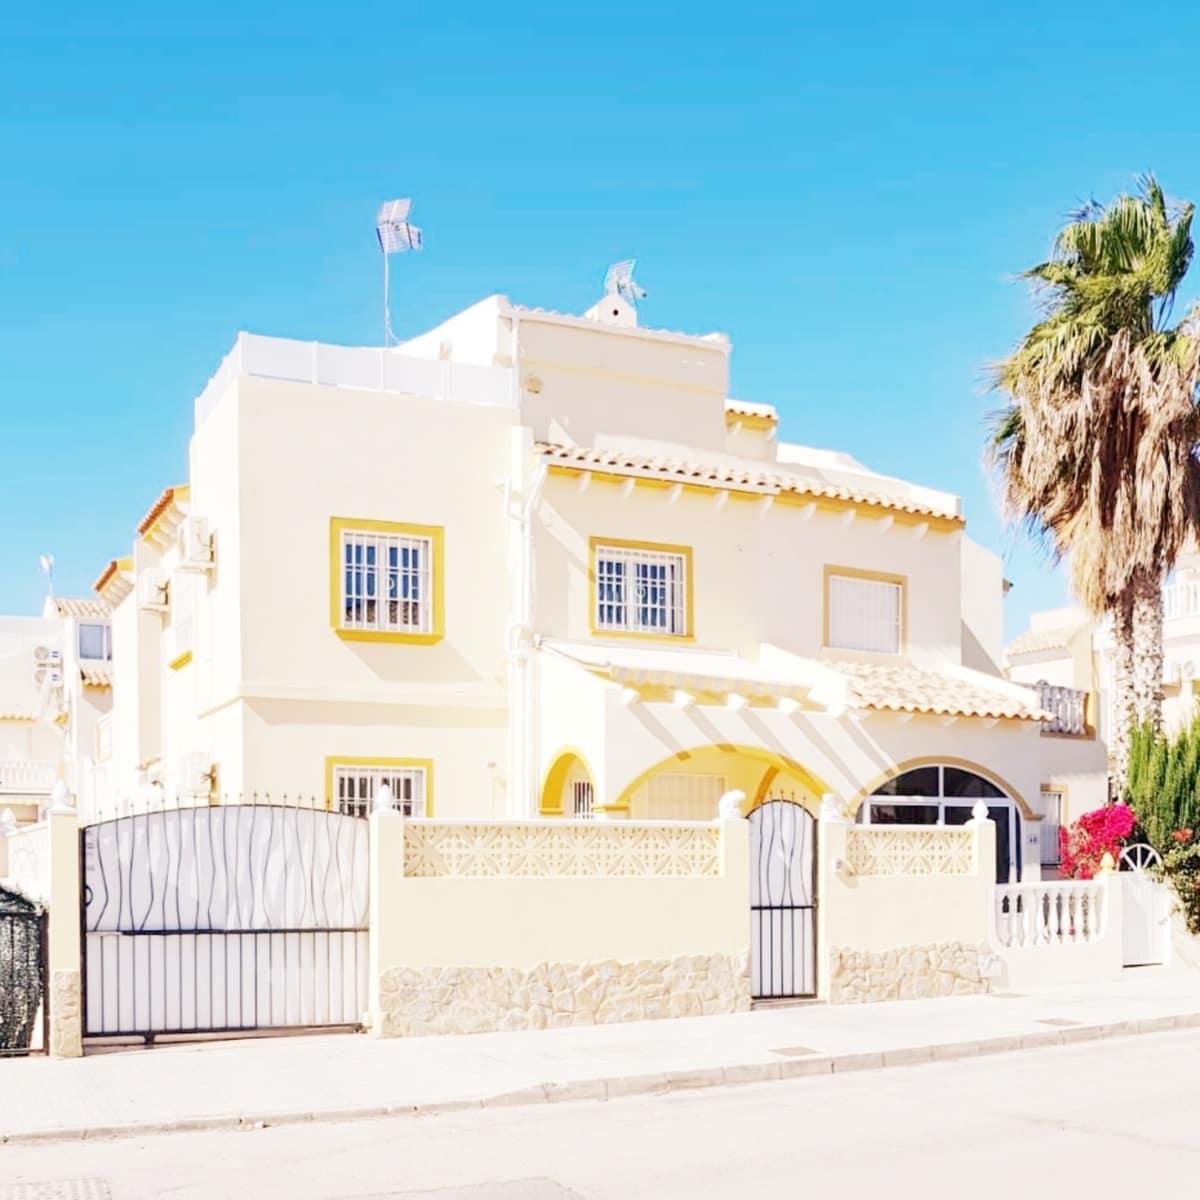 Chalet de 3 habitaciones en Playa Flamenca en venta con piscina - 165.000 € (Ref: 5036764)